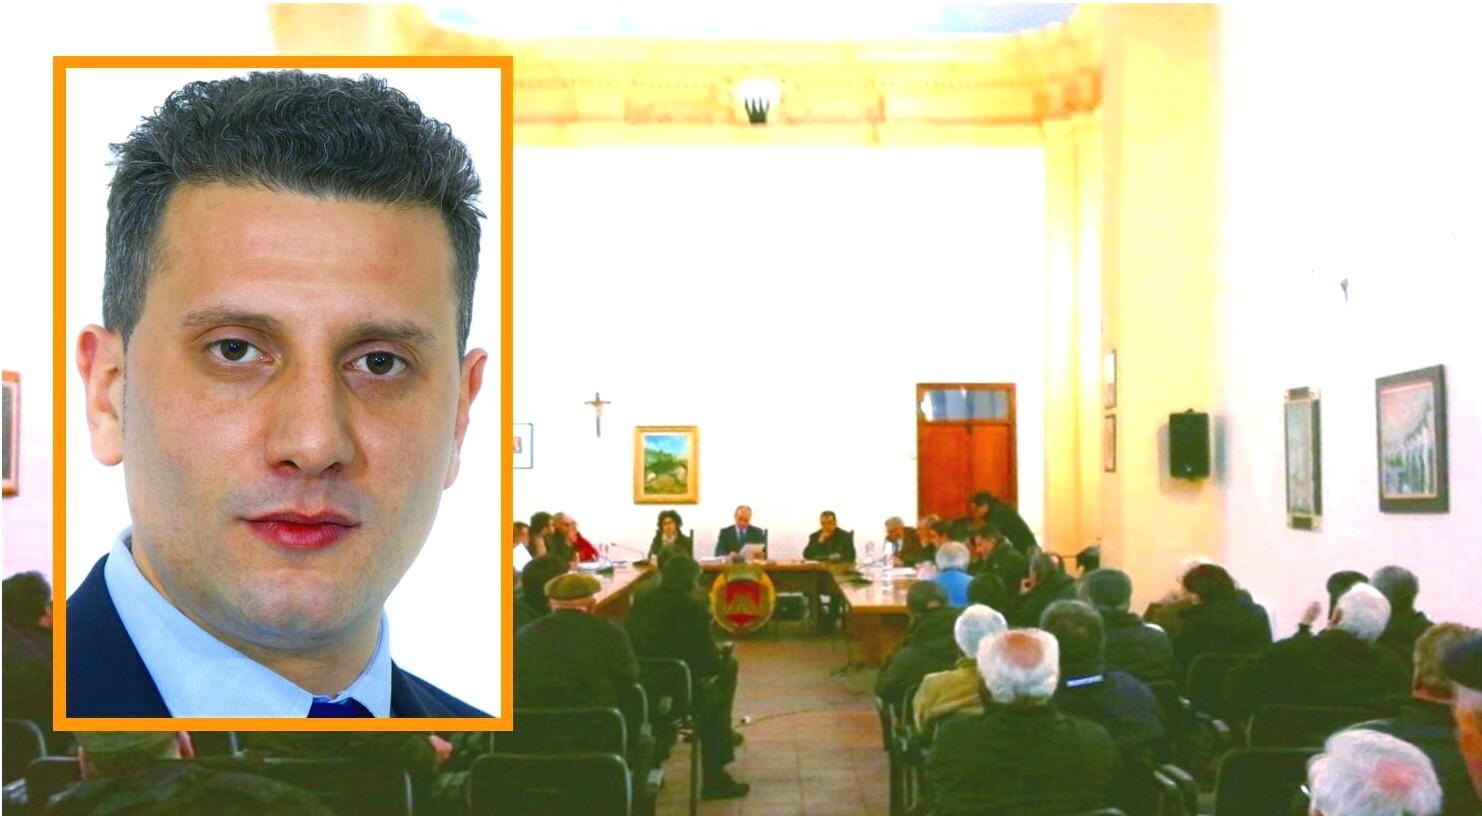 Consiglio Comunale a Francavilla: la parola agli avvocati